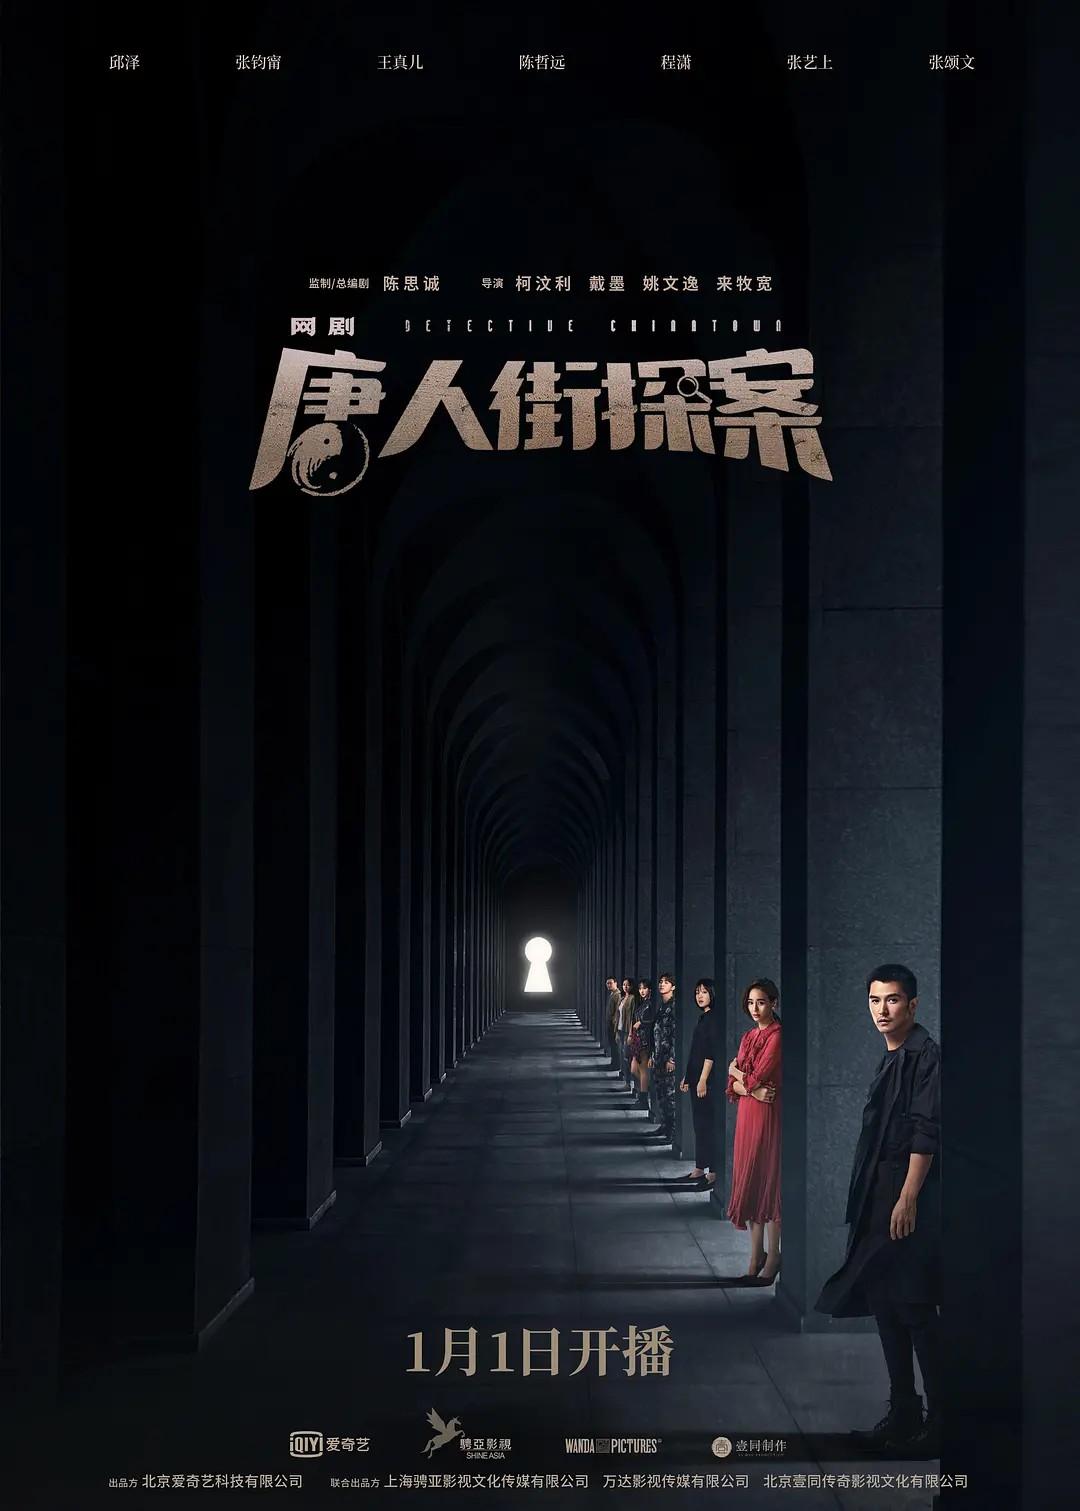 Detective Chinatown 2020 Wiki Drama Fandom